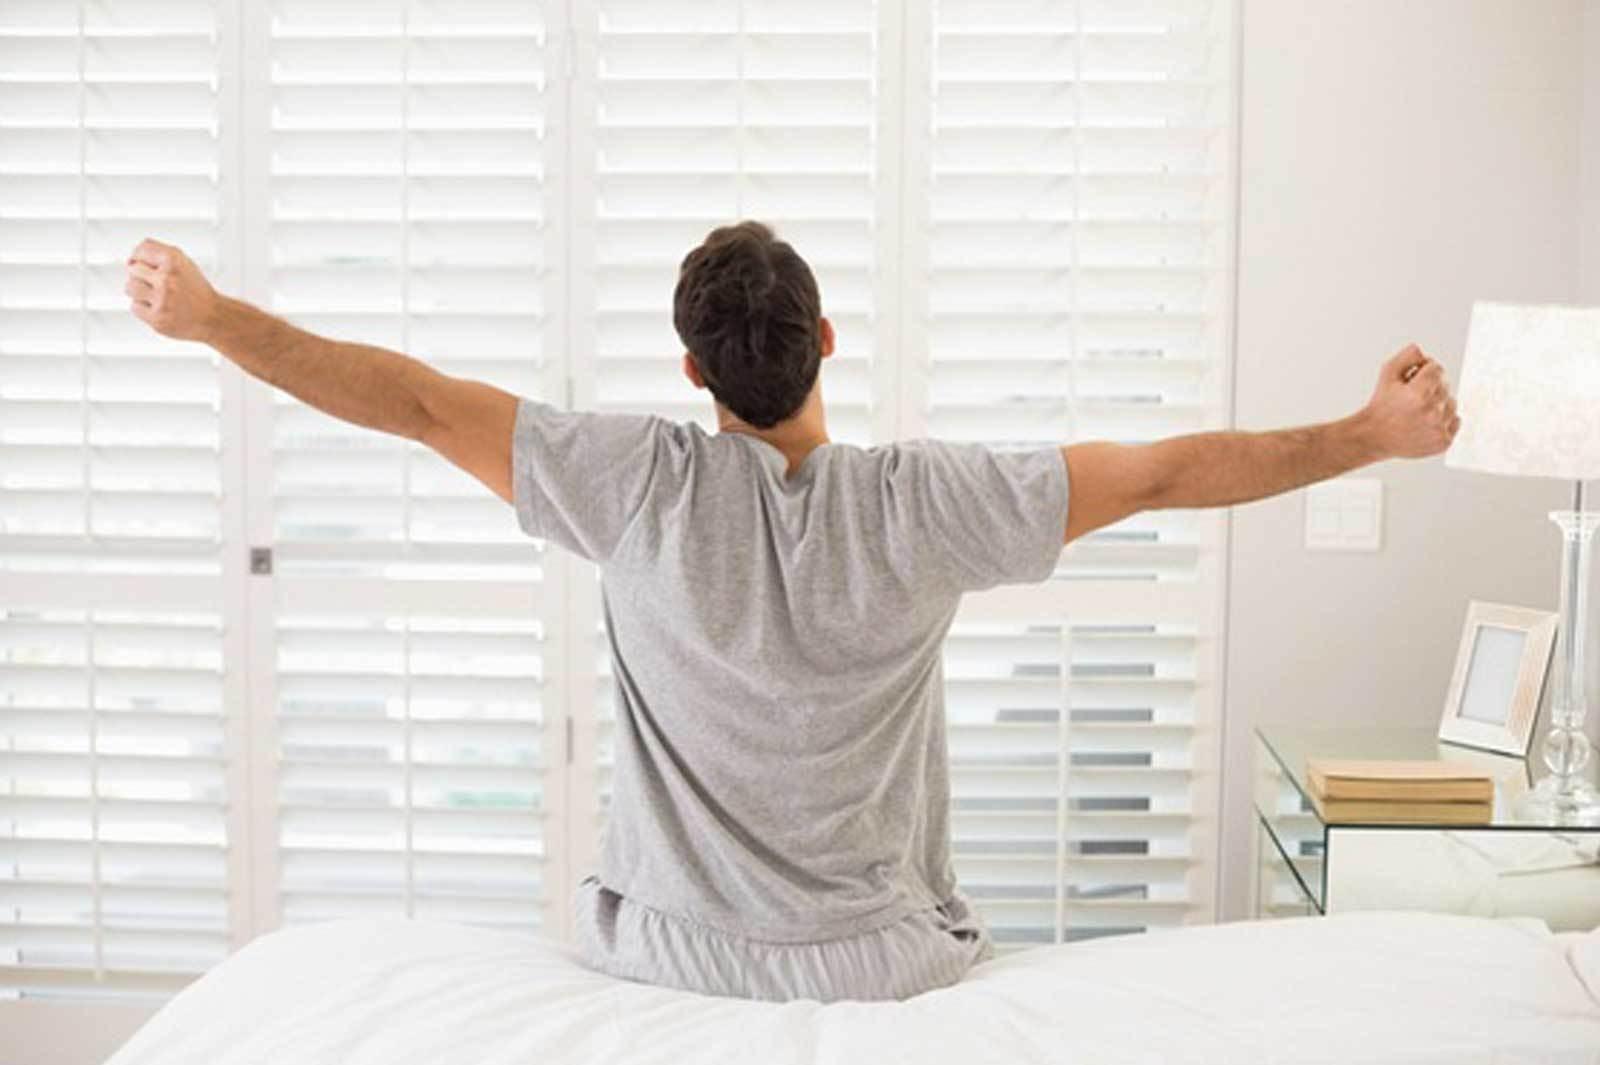 Yorgun Uyanmamak İçin Ne Yapılmalıdır